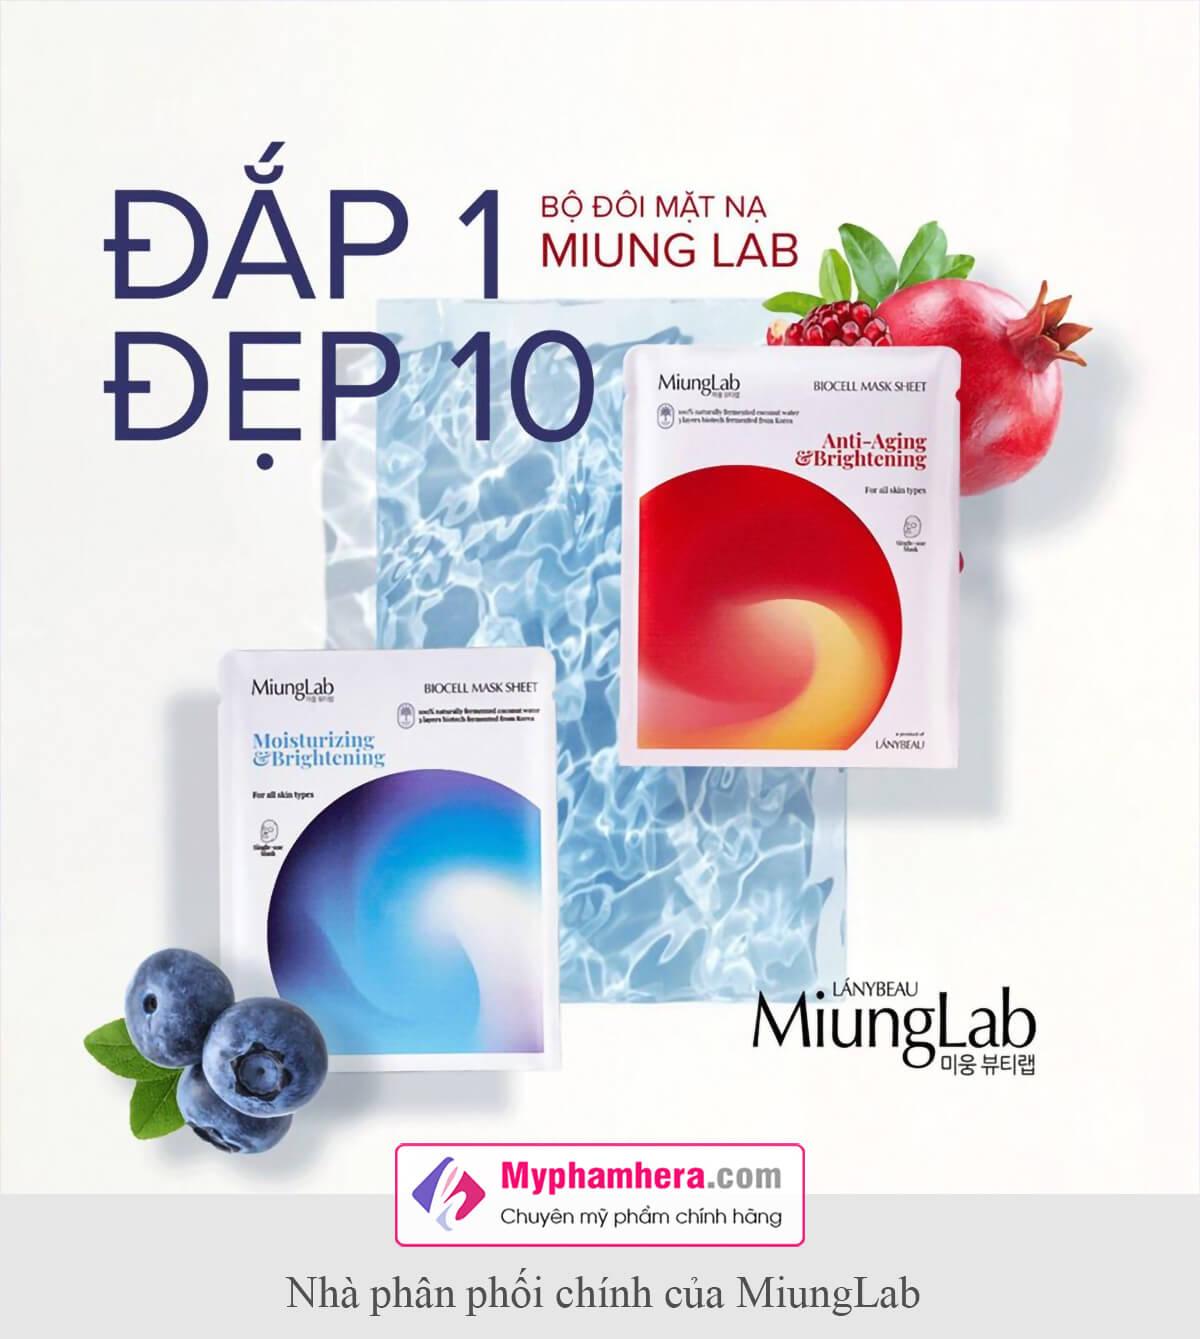 vì sao bạn nên chọn mặt nạ miung lab myphamhera.com